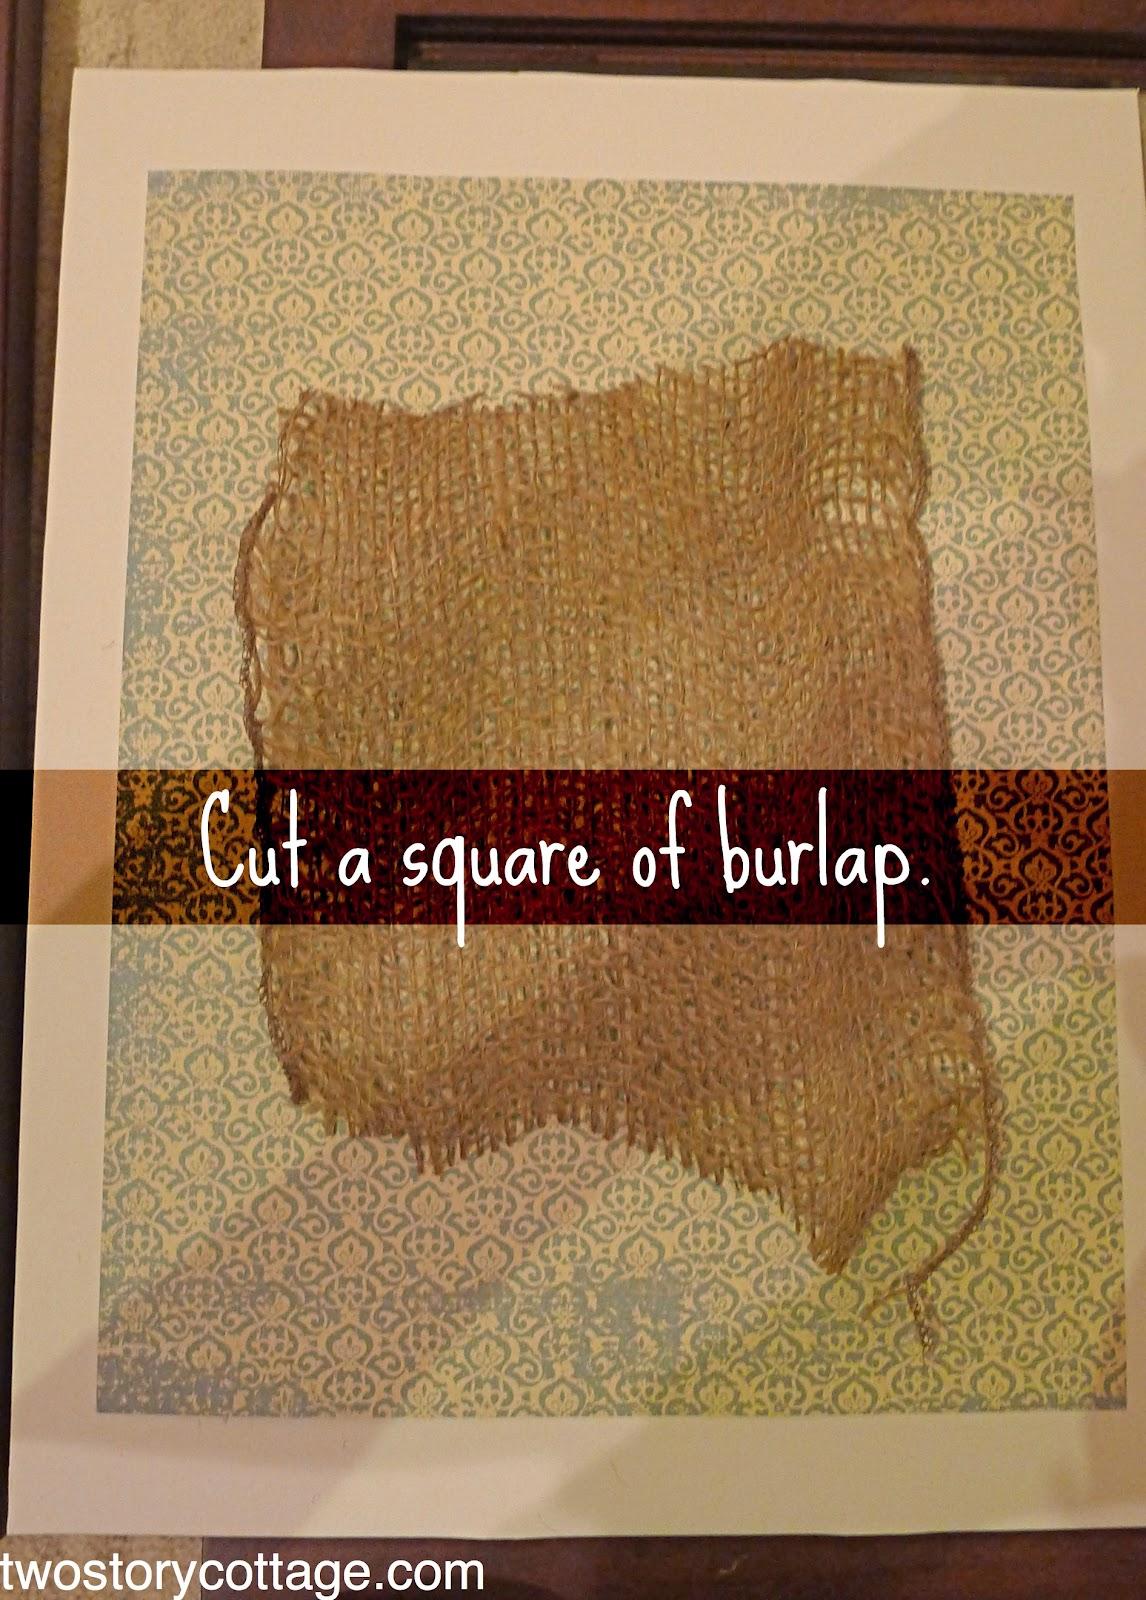 http://3.bp.blogspot.com/-PqJ1eK0pX7o/T4Ws0RvHsvI/AAAAAAAAJi8/f_zp5zuEynE/s1600/burlap_mat_frame_picture.jpg